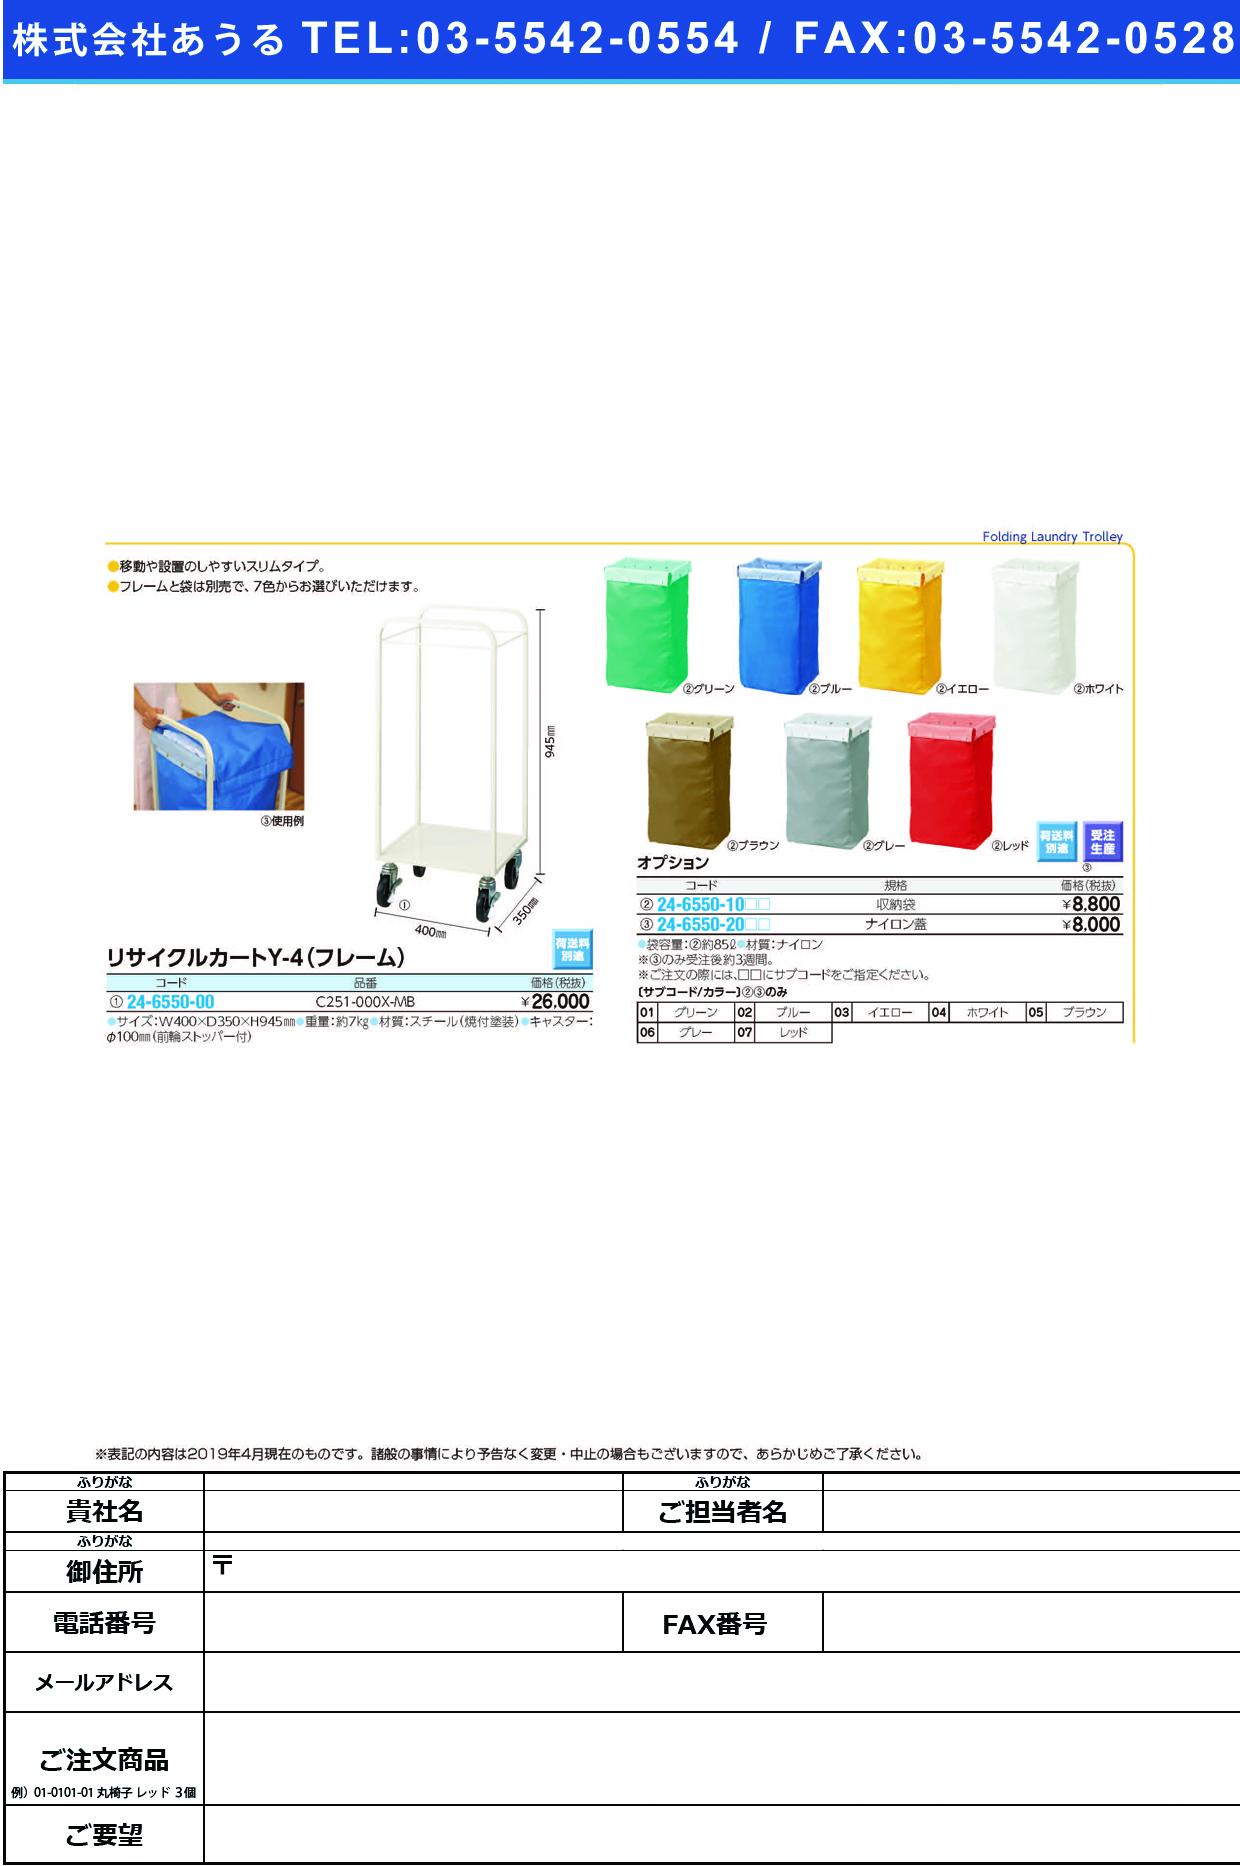 (24-6550-00)リサイクルカートY−4(フレーム) C251-000X-MB リサイクルカートY-4(フレーム)(山崎産業)【1台単位】【2019年カタログ商品】